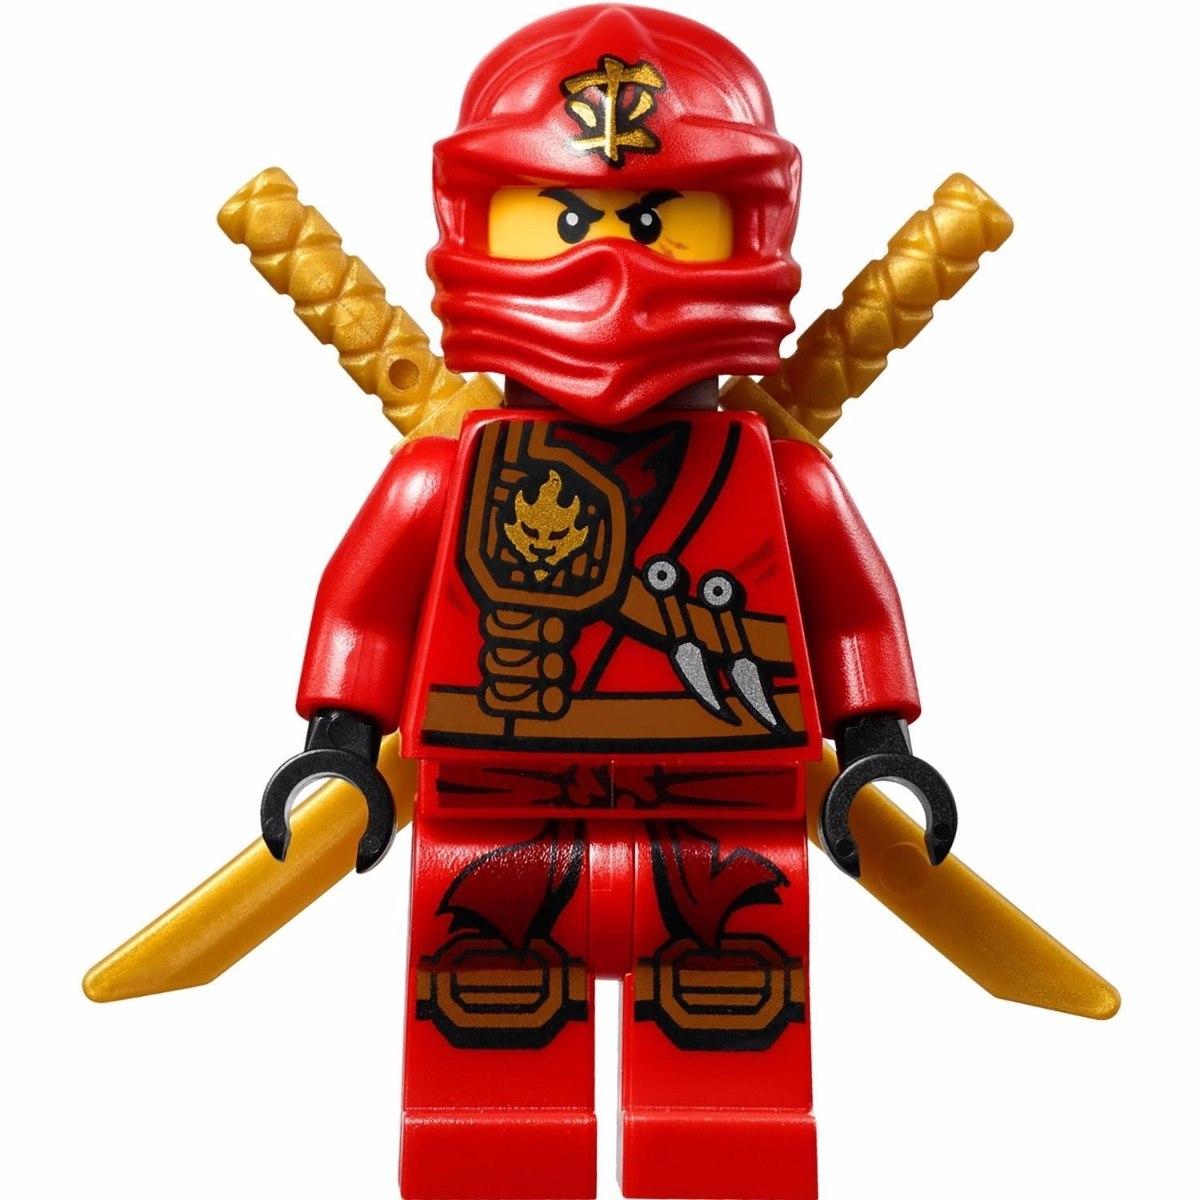 Boneco lego ninjago kai vermelho compativel r 12 00 - Ninjago lego kai ...